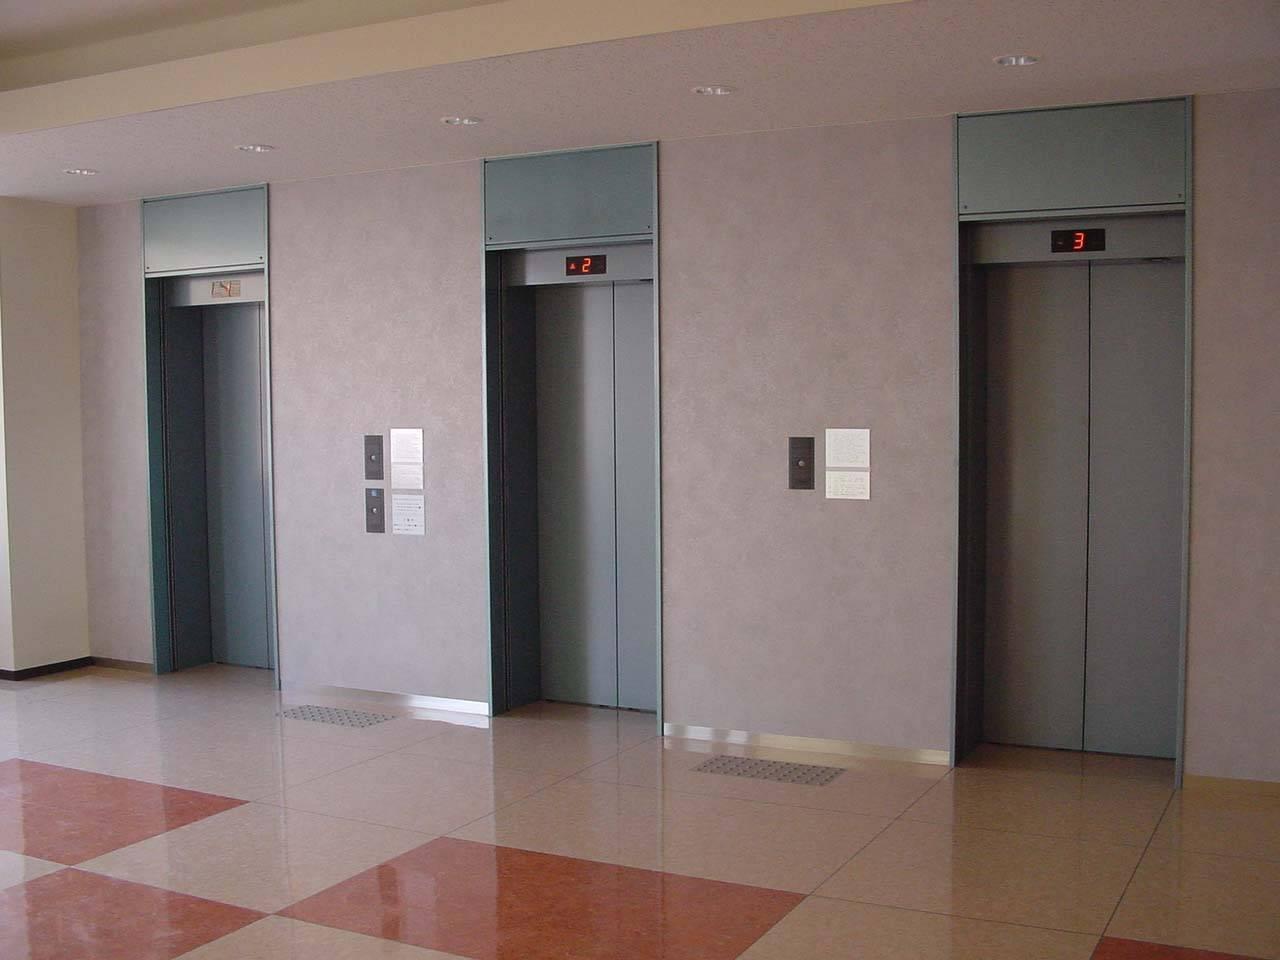 Mantenimiento y reparación de ascensores Valencia